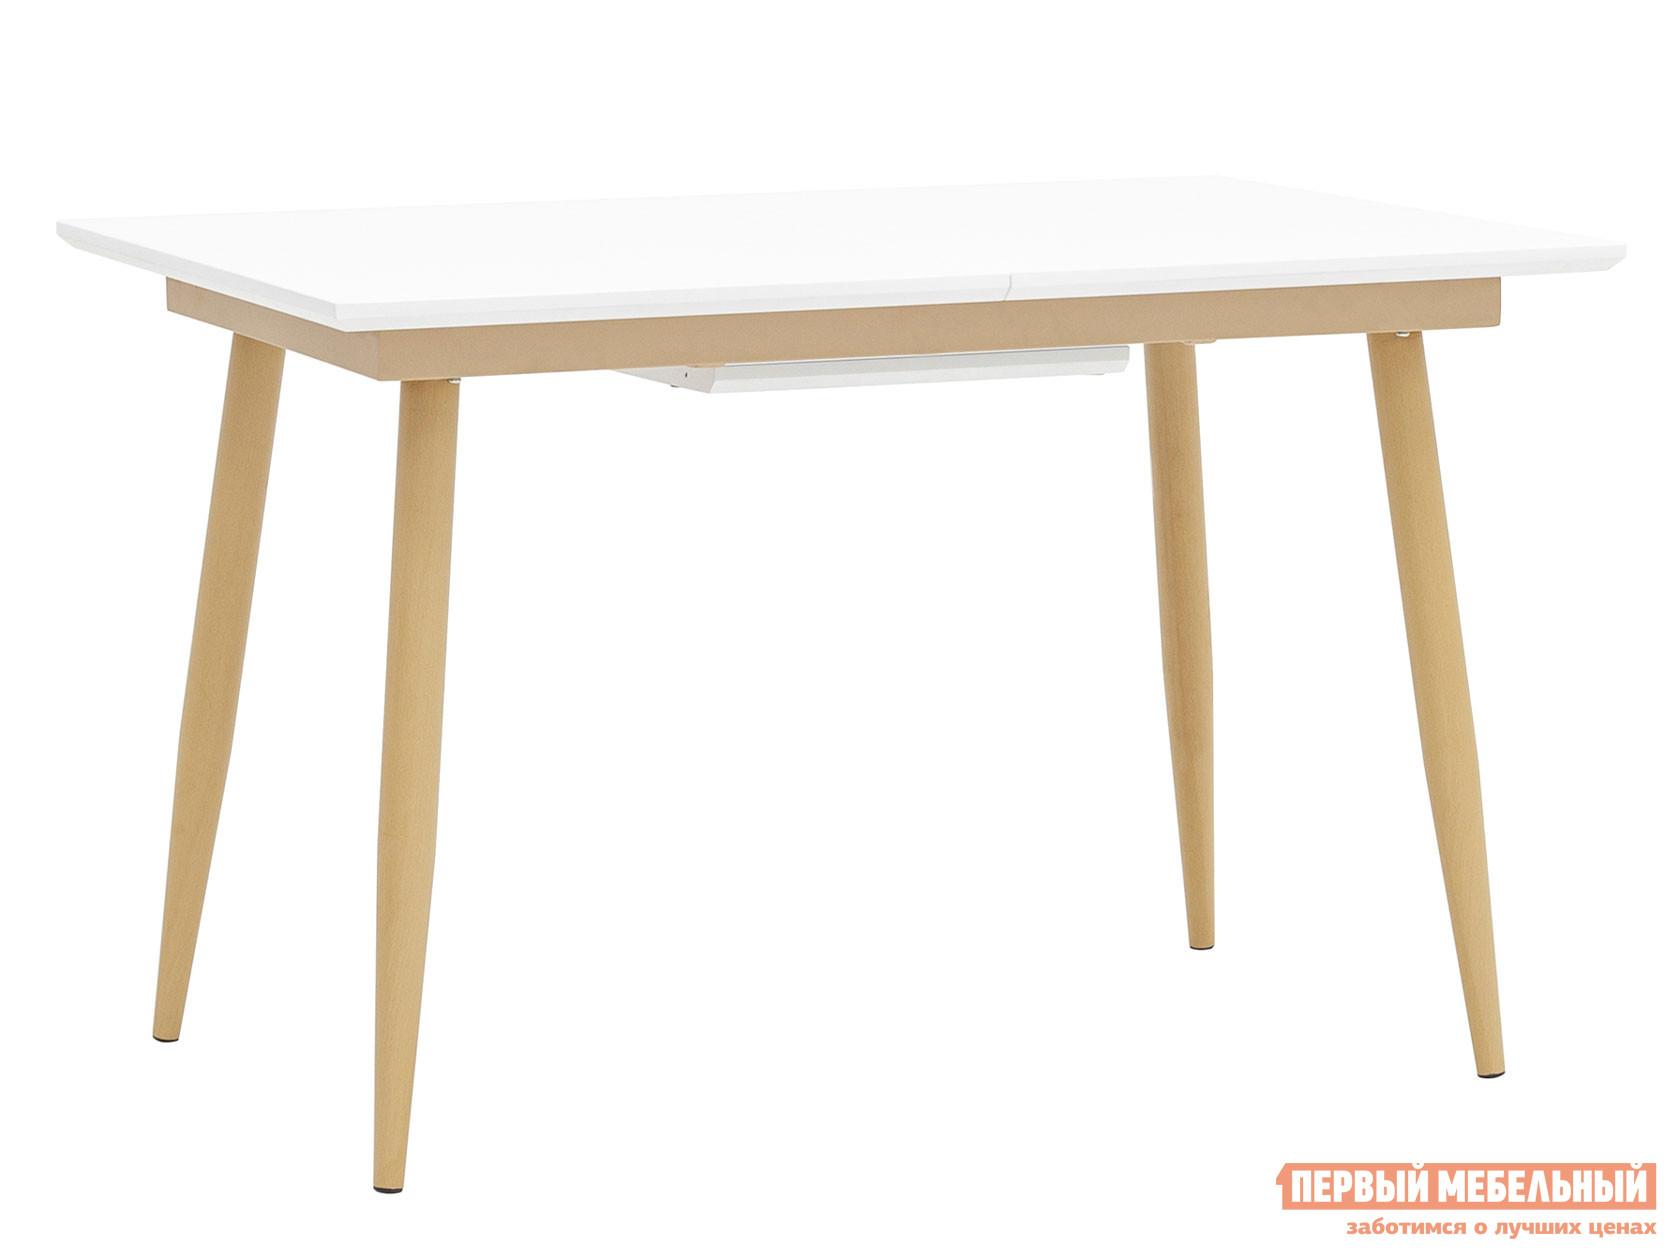 Кухонный стол Stool Group Стол обеденный Стокгольм, раскладной DT-1706-120/160 DUAL